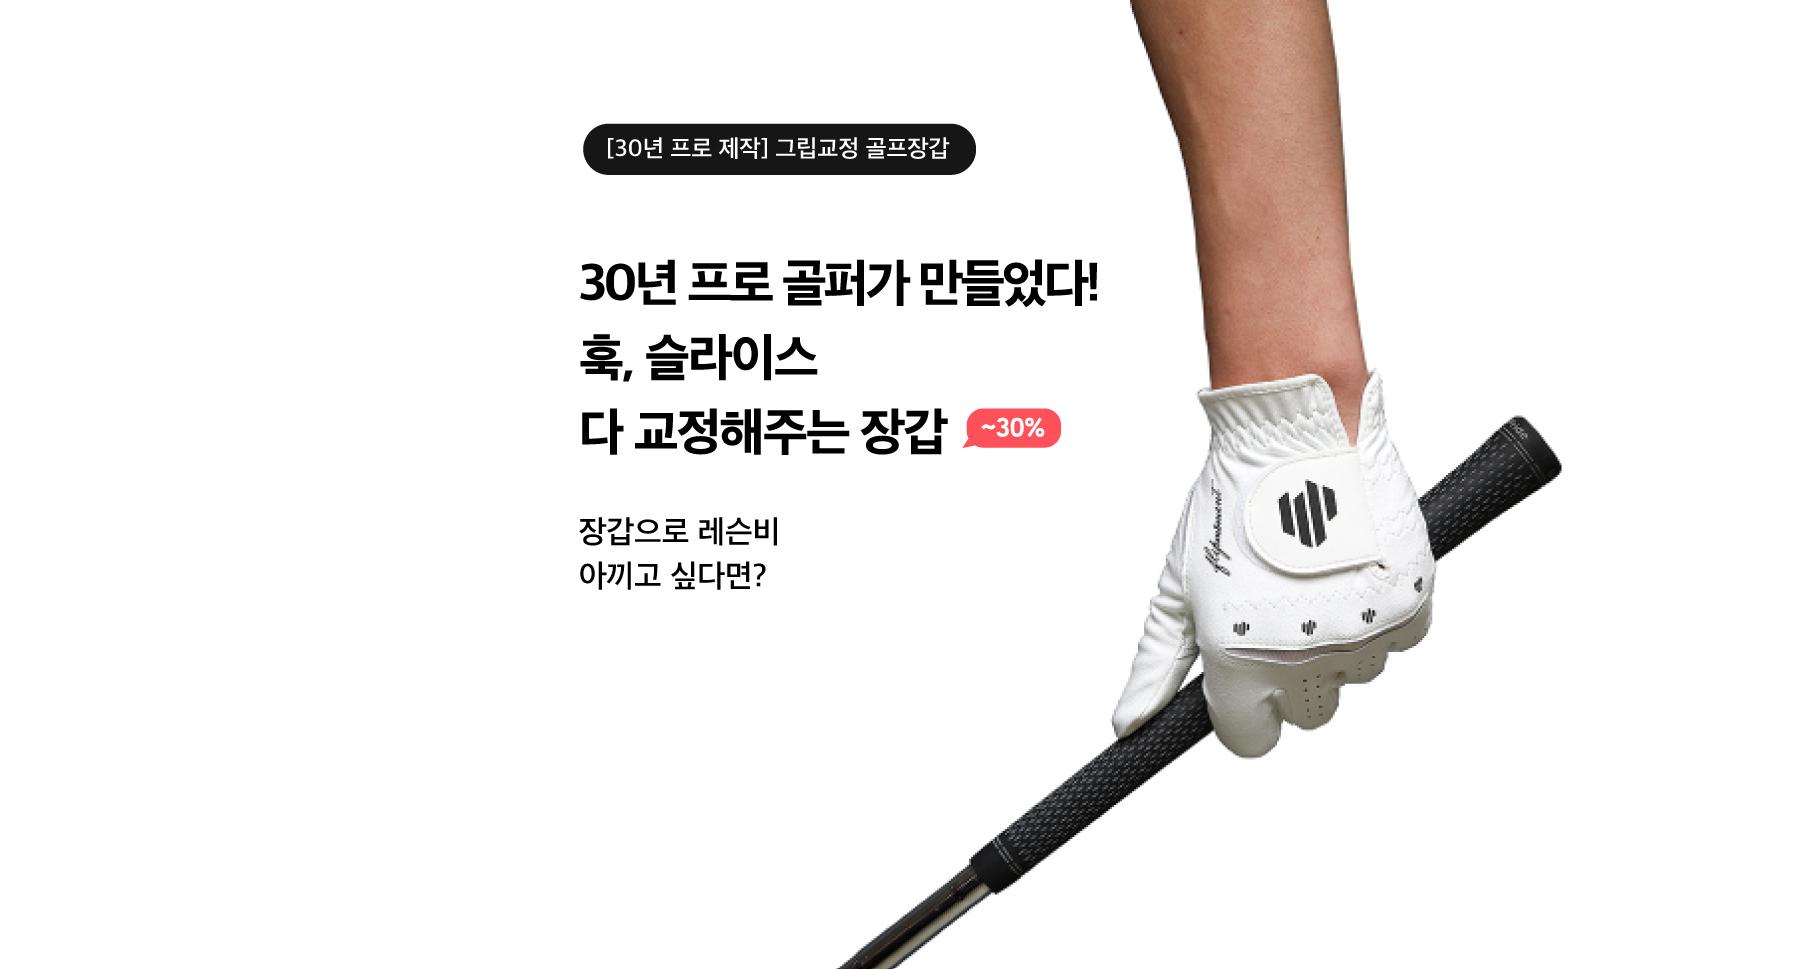 [30년 프로 제작] 그립교정 골프장갑